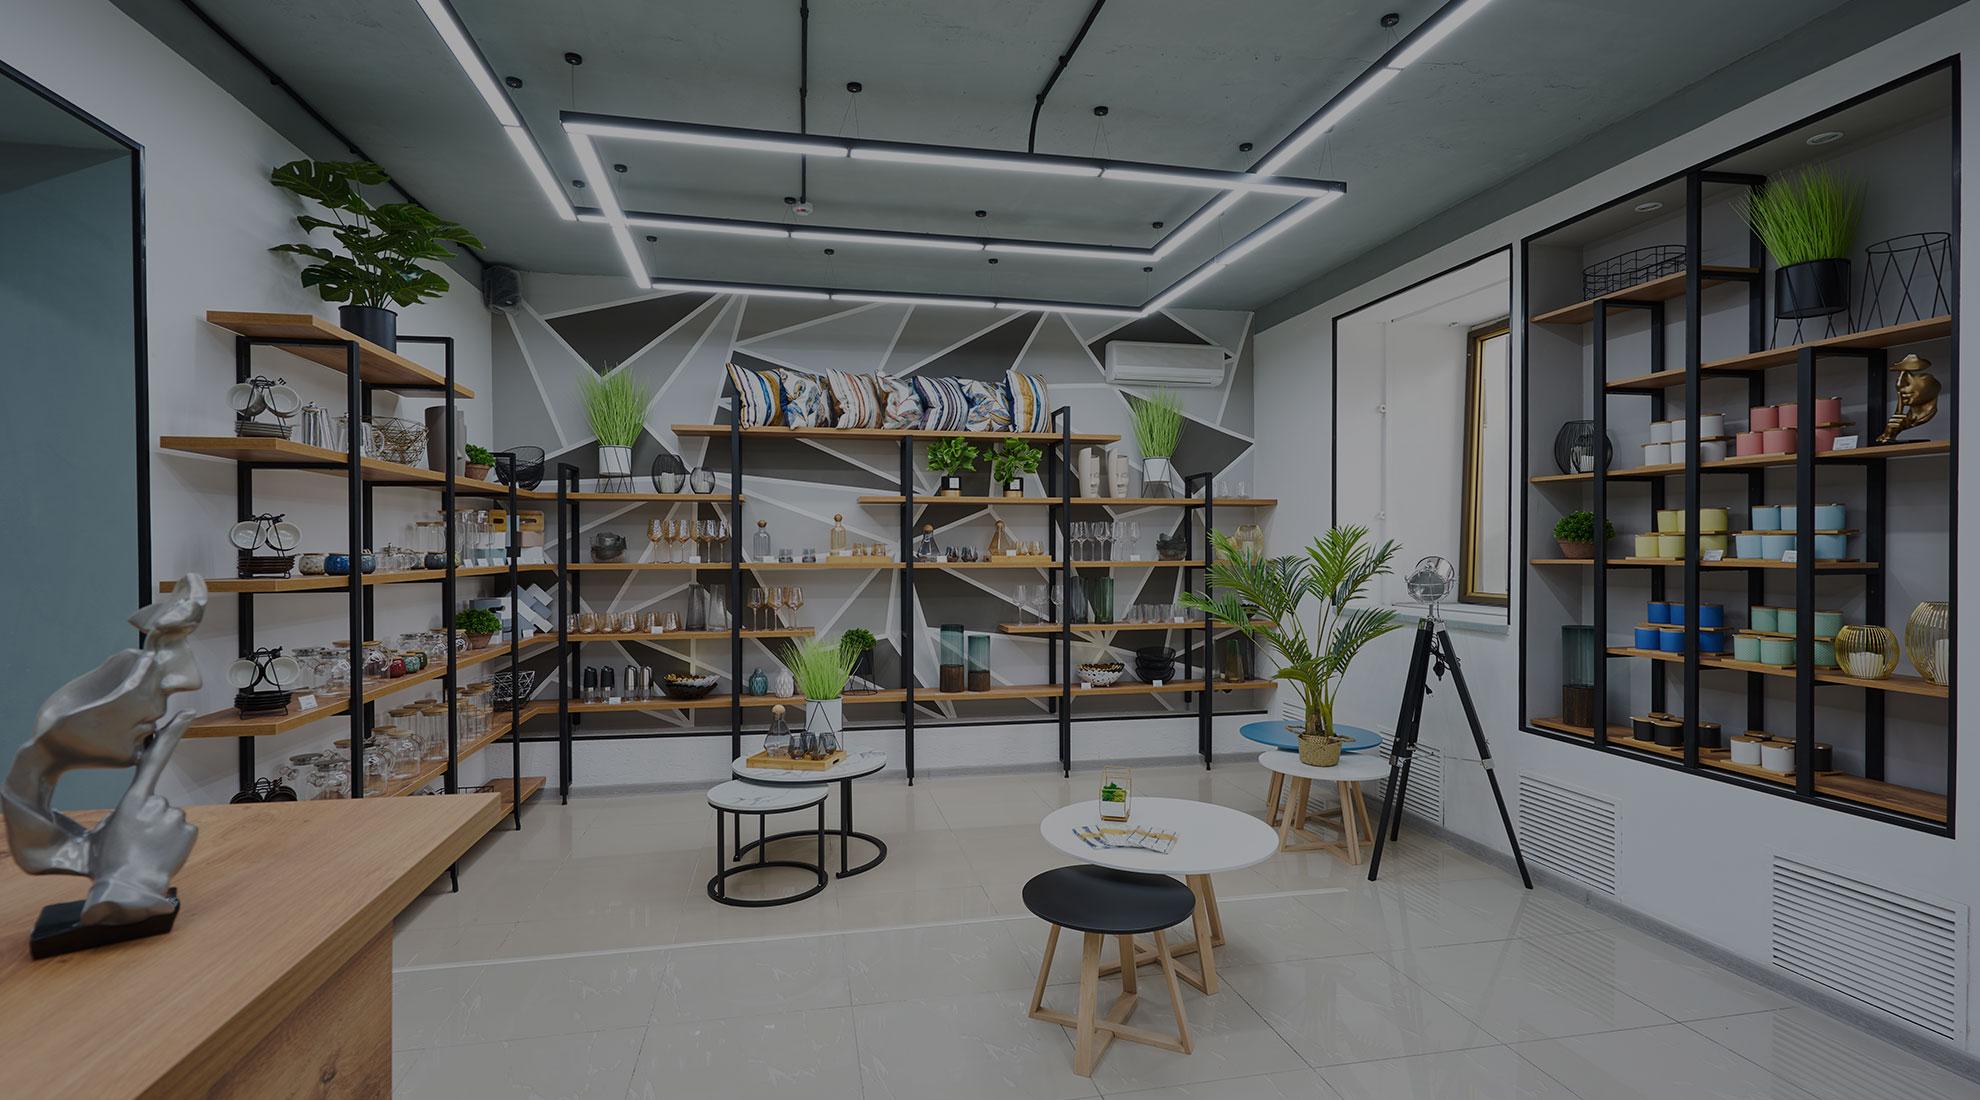 фотография магазина - отдел дизайнерский предметов